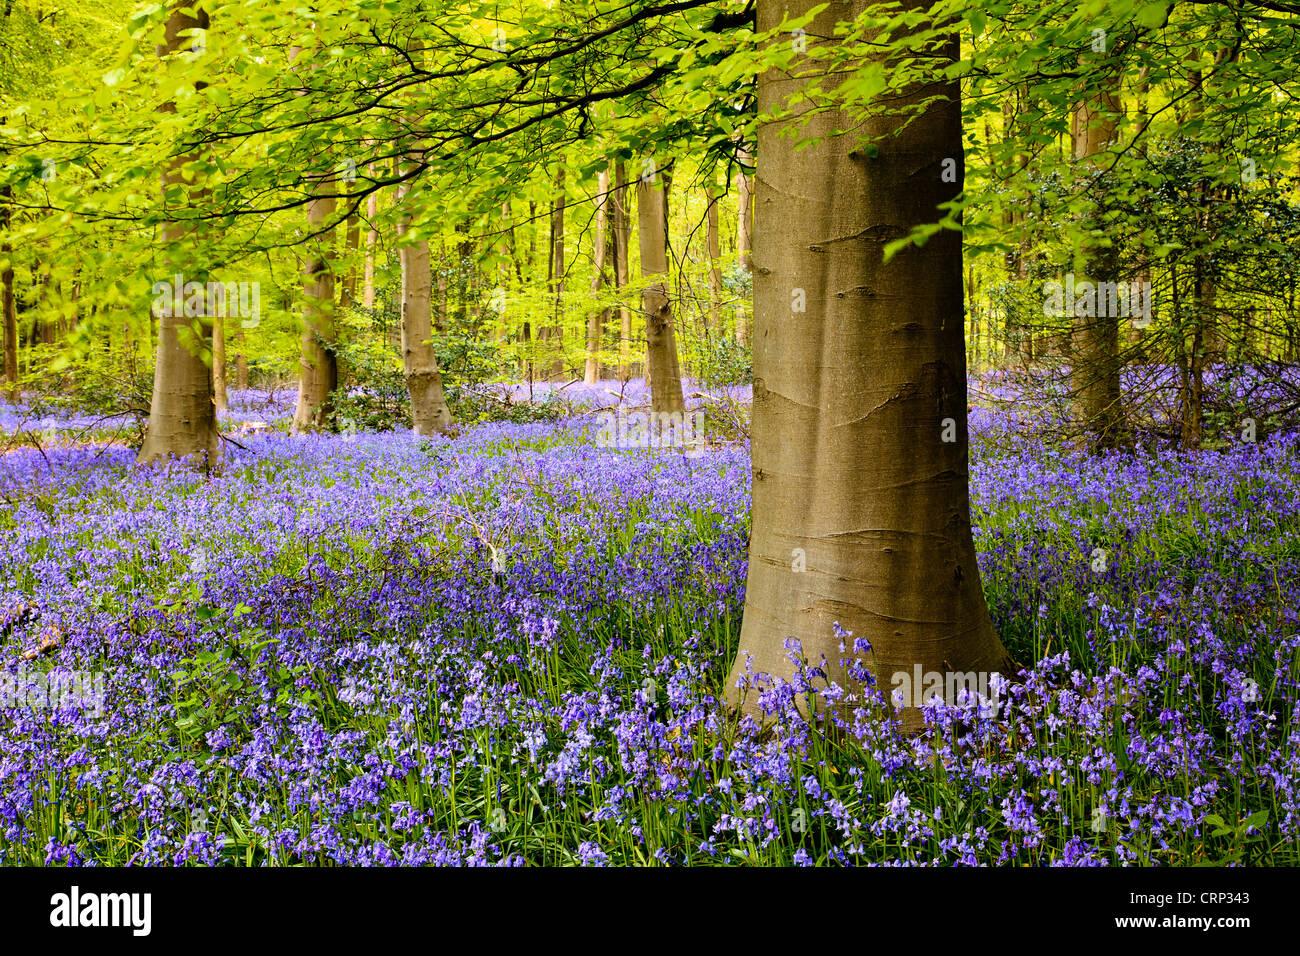 Un tappeto di bluebells nella zona ovest di bosco in prossimità di Marlborough. Immagini Stock